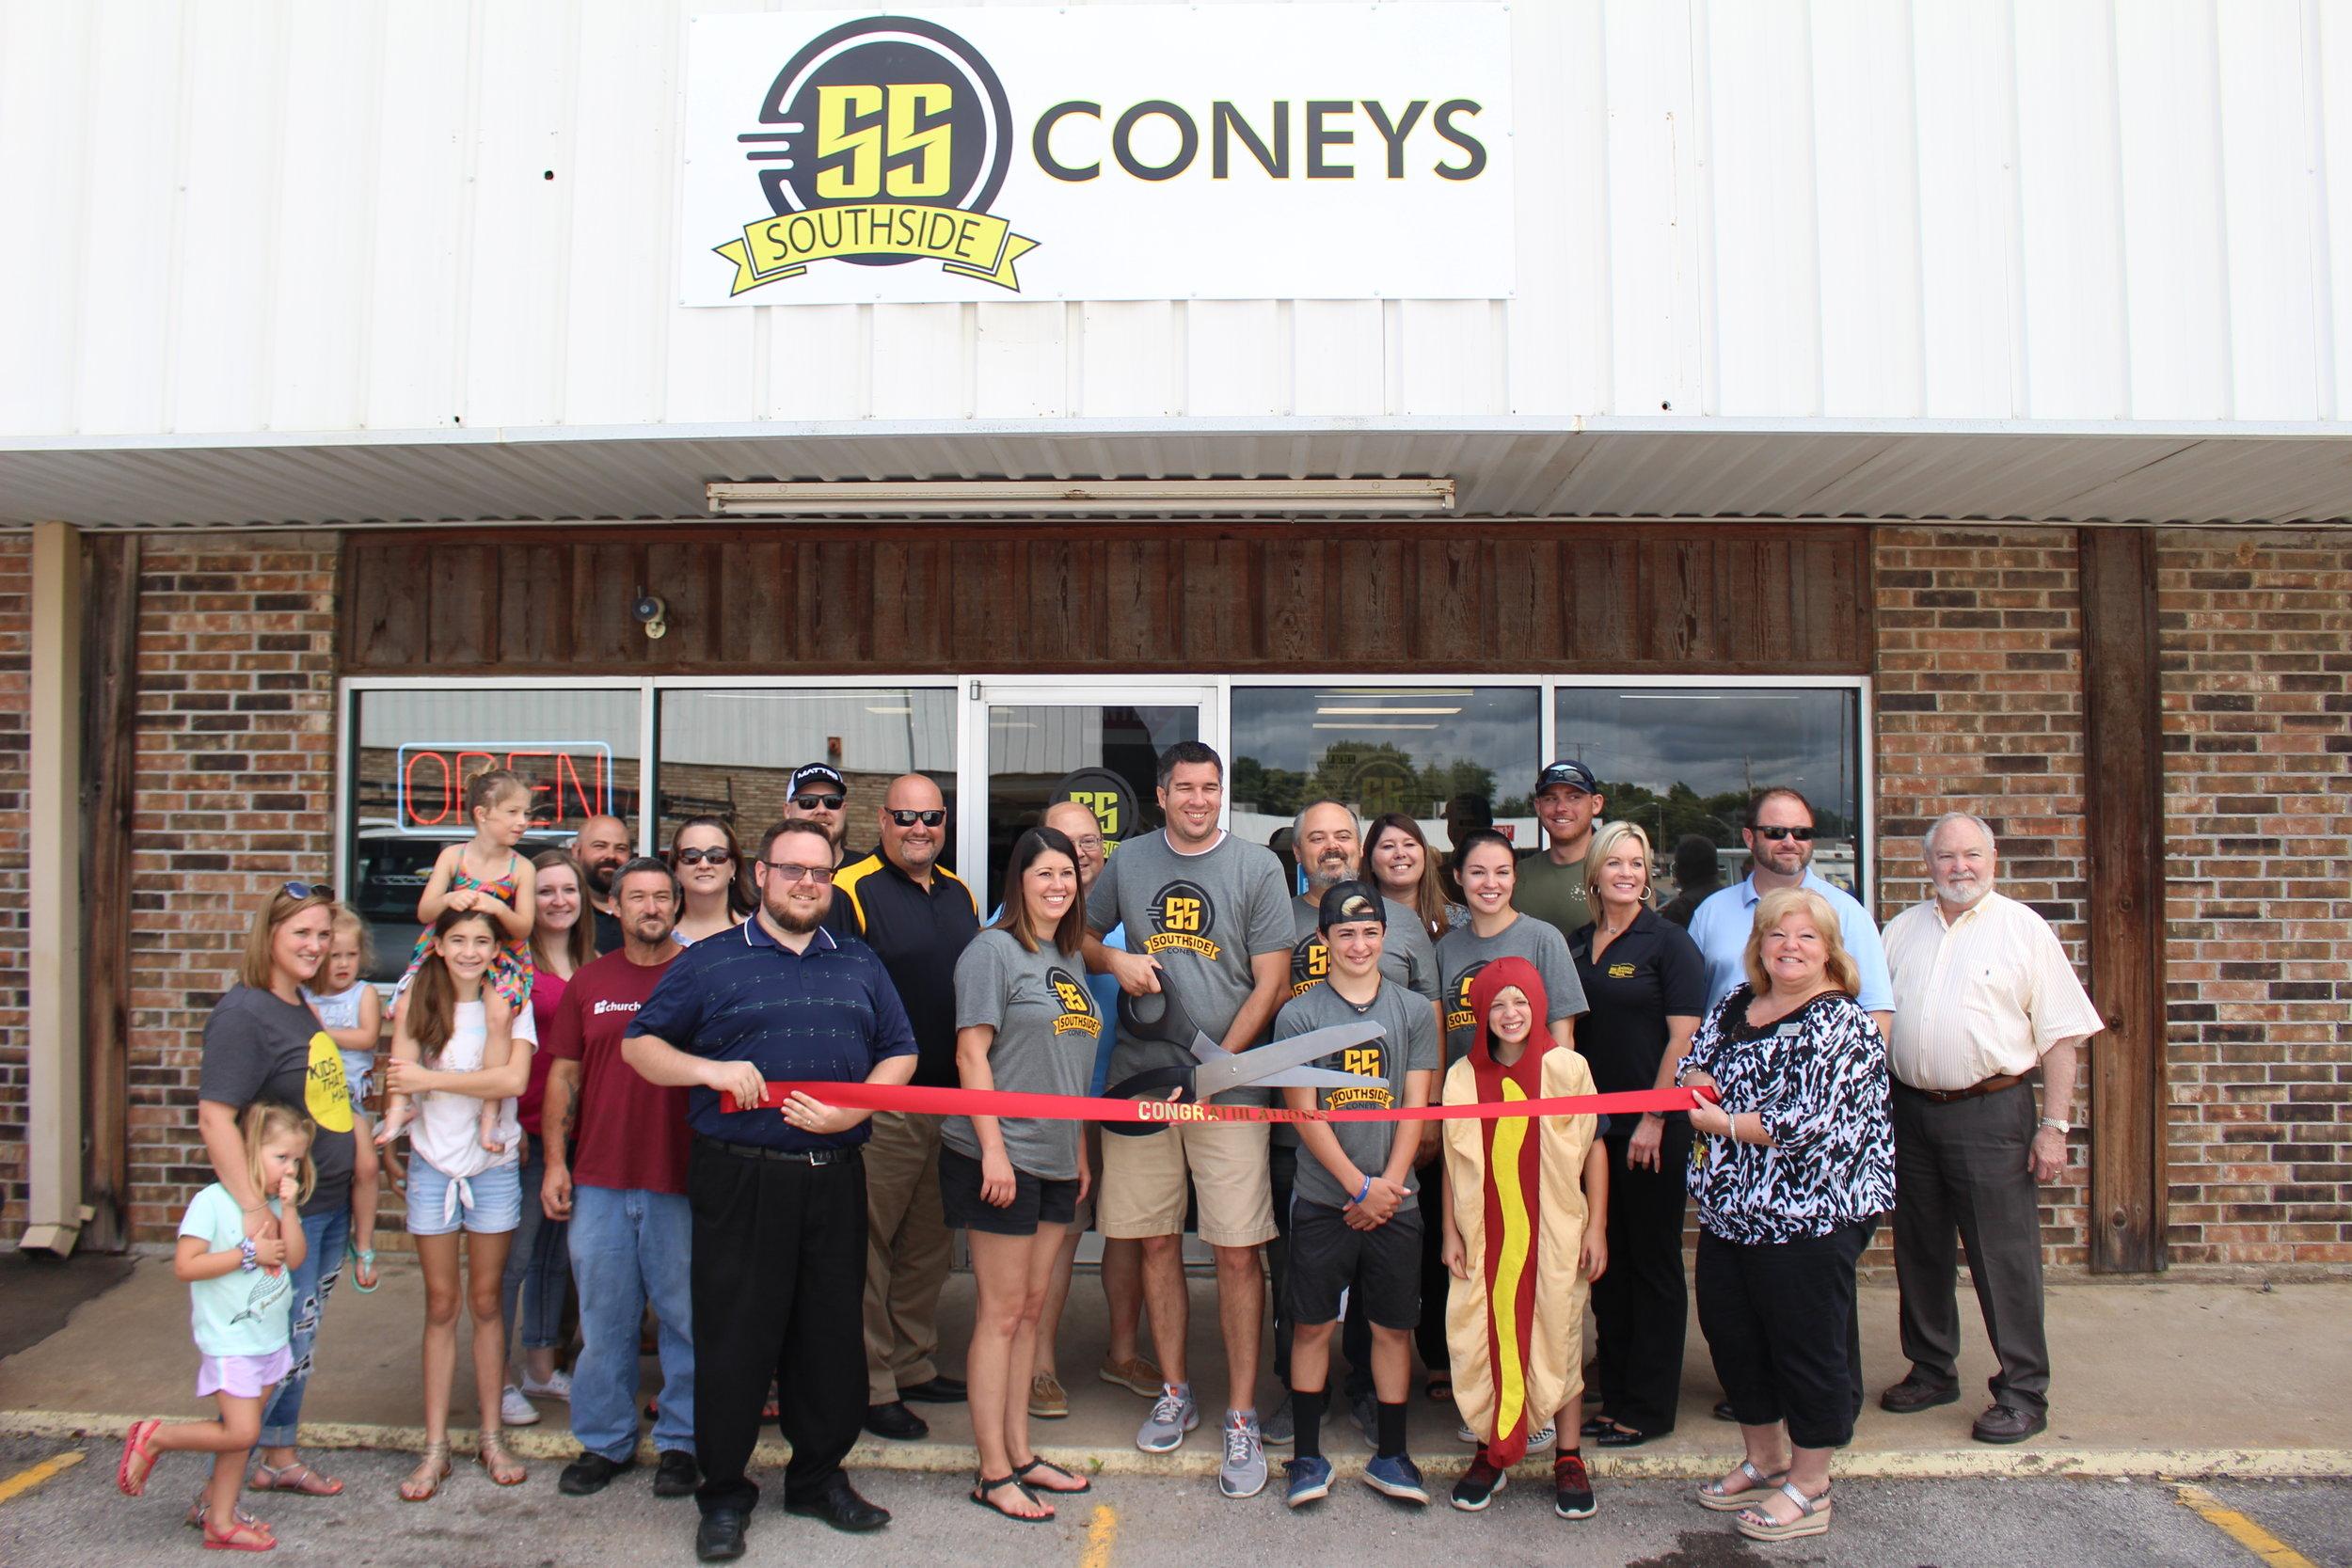 Southside Coneys - prattville center 1 west 41st street, suite c